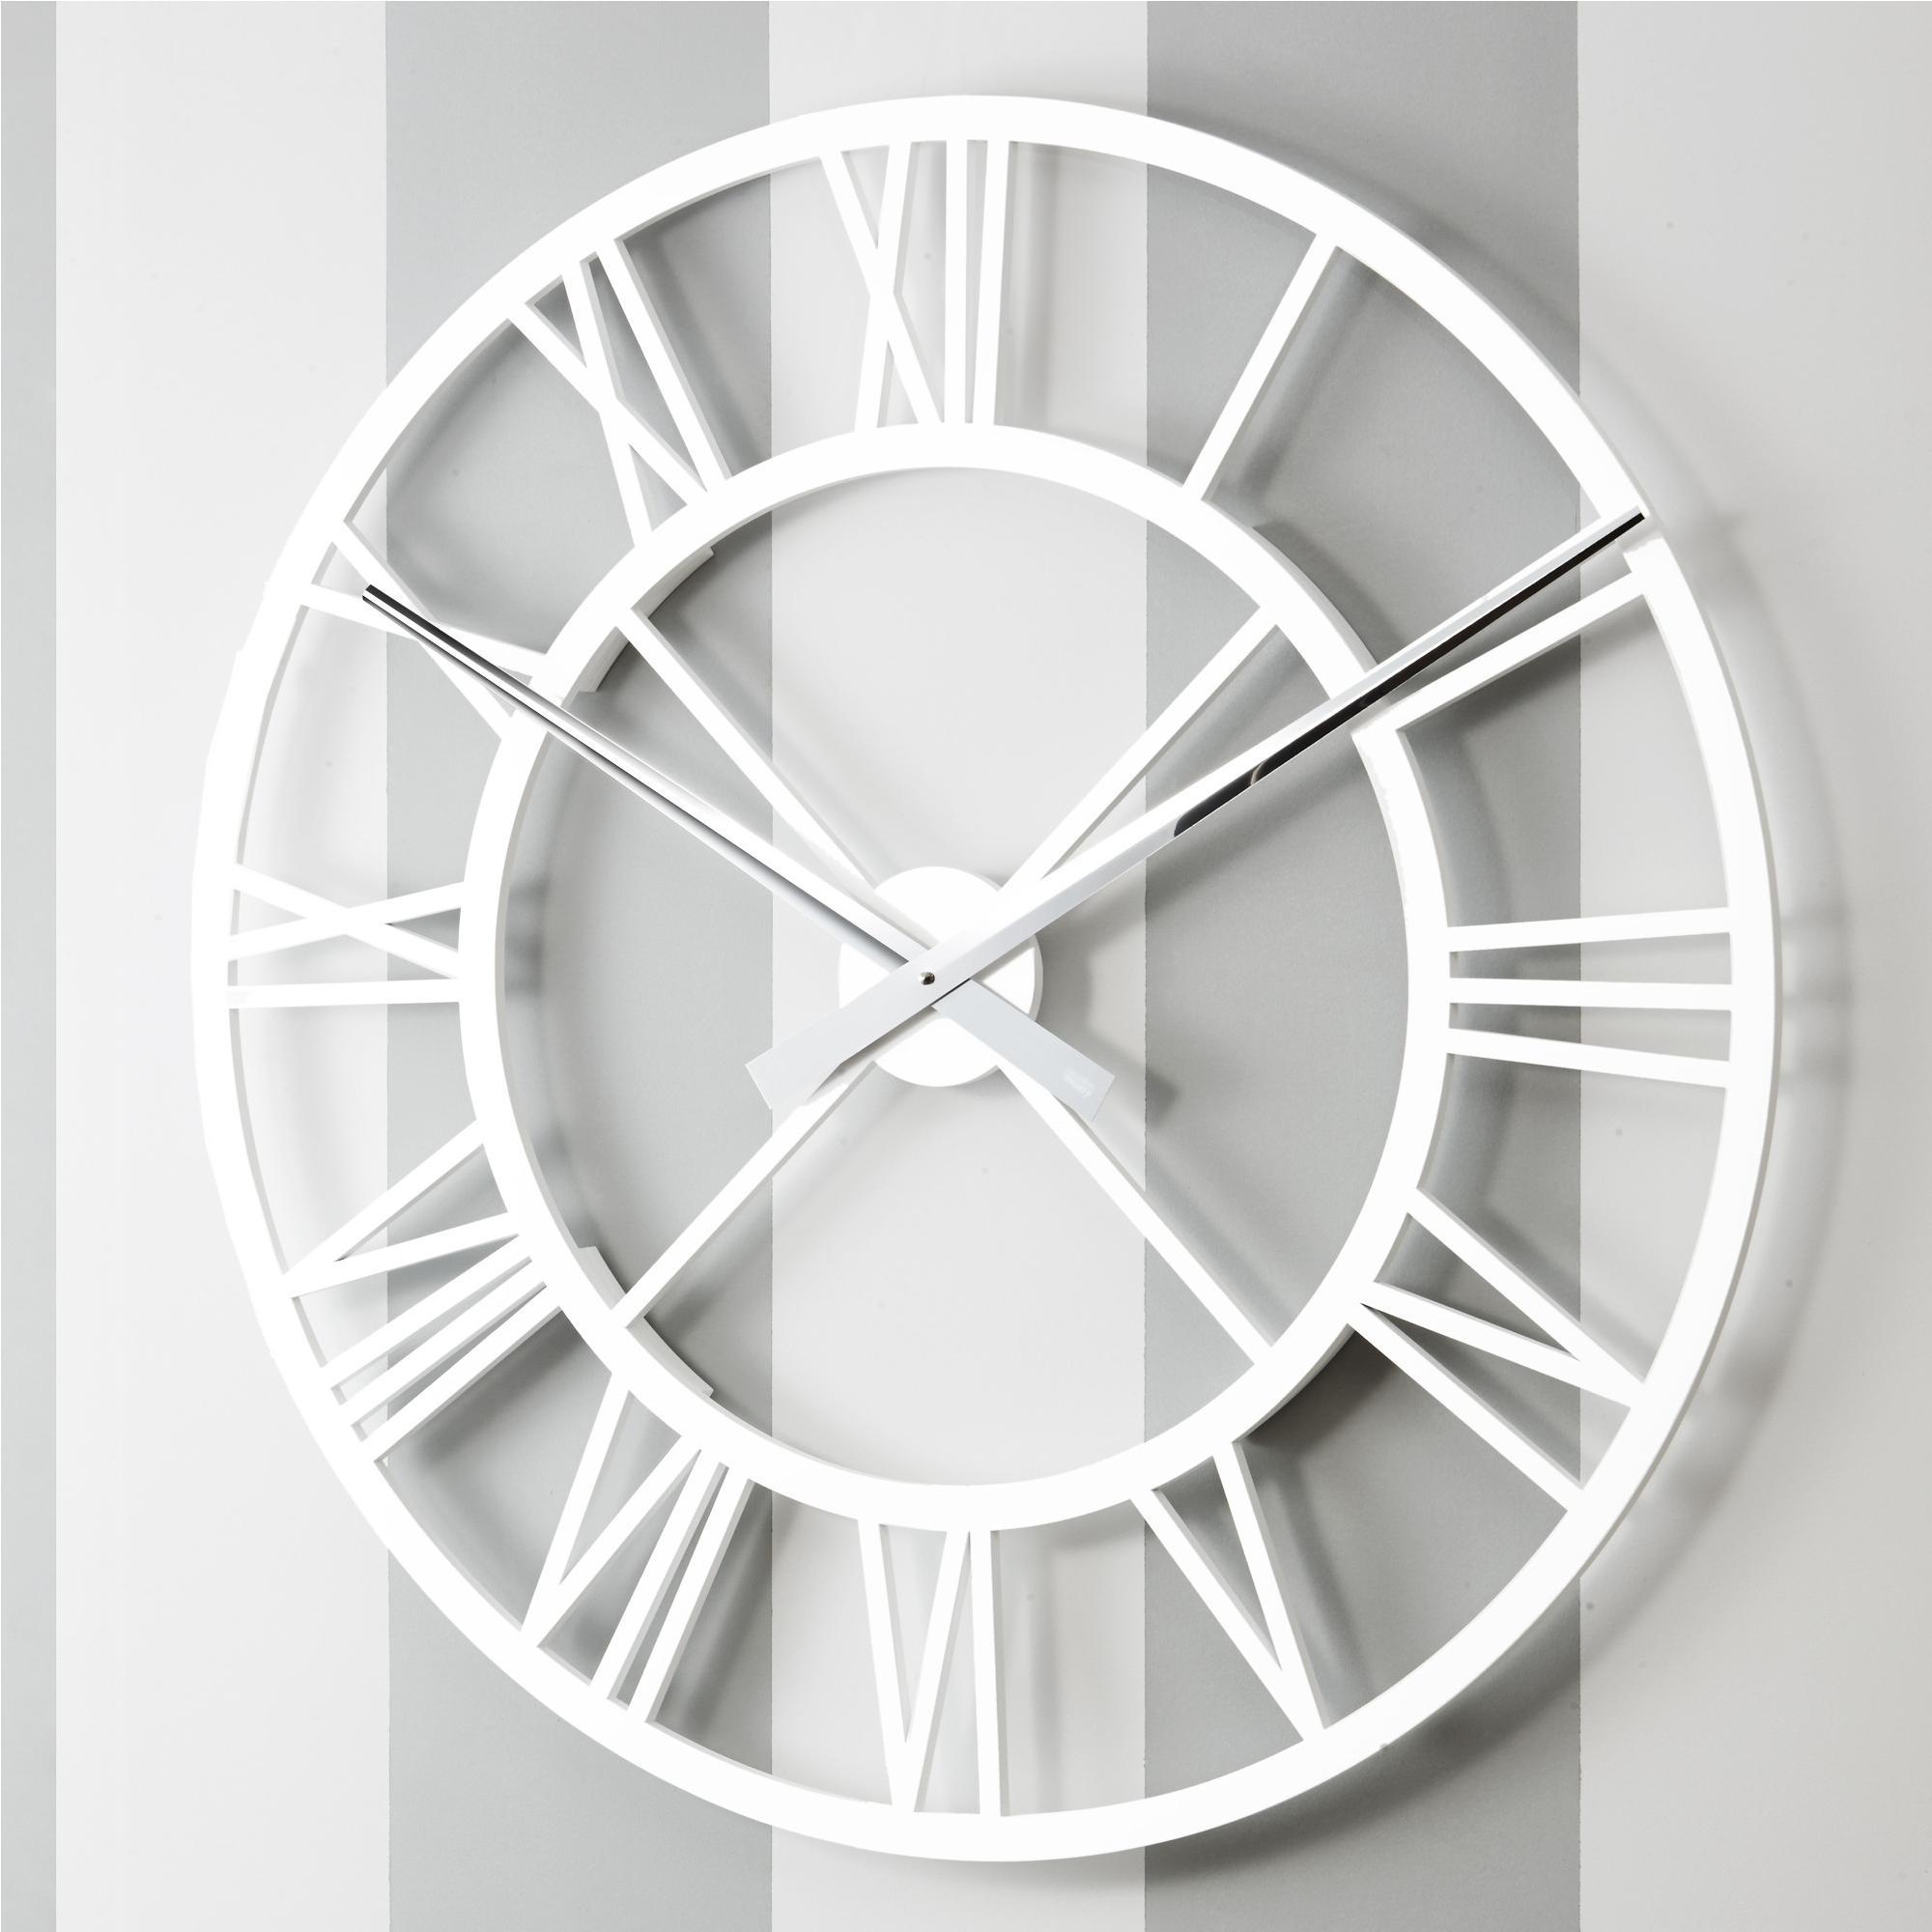 Orologio da parete Rotondo diametro 80 cm in legno IMPERO tagliato al laser in legno laccato bianco opaco